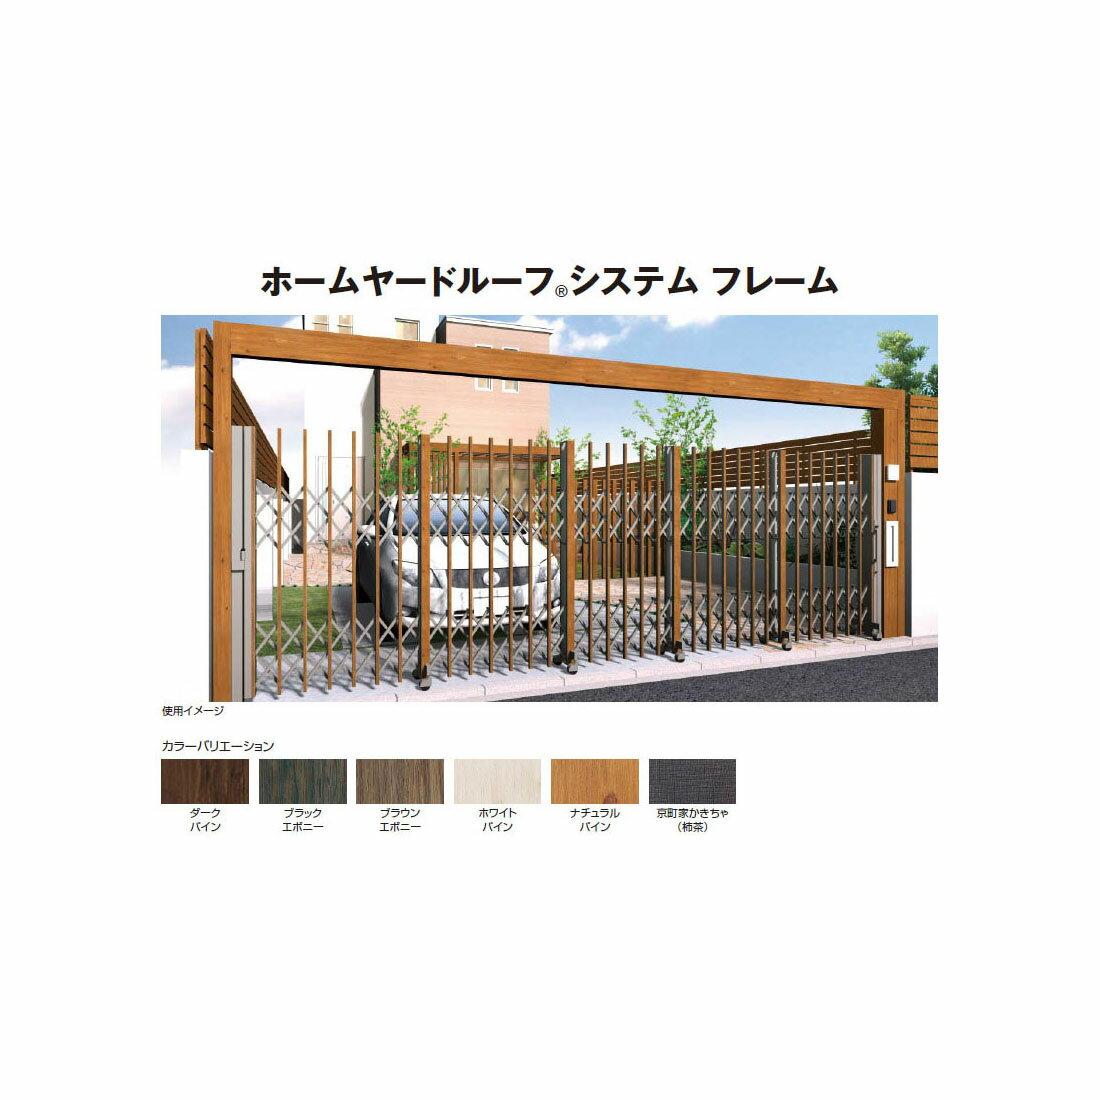 ホームヤードルーフ システムフレーム(基本型)H2800×W4000[タカショー エクステリア 庭造り DIY 瀧商店]